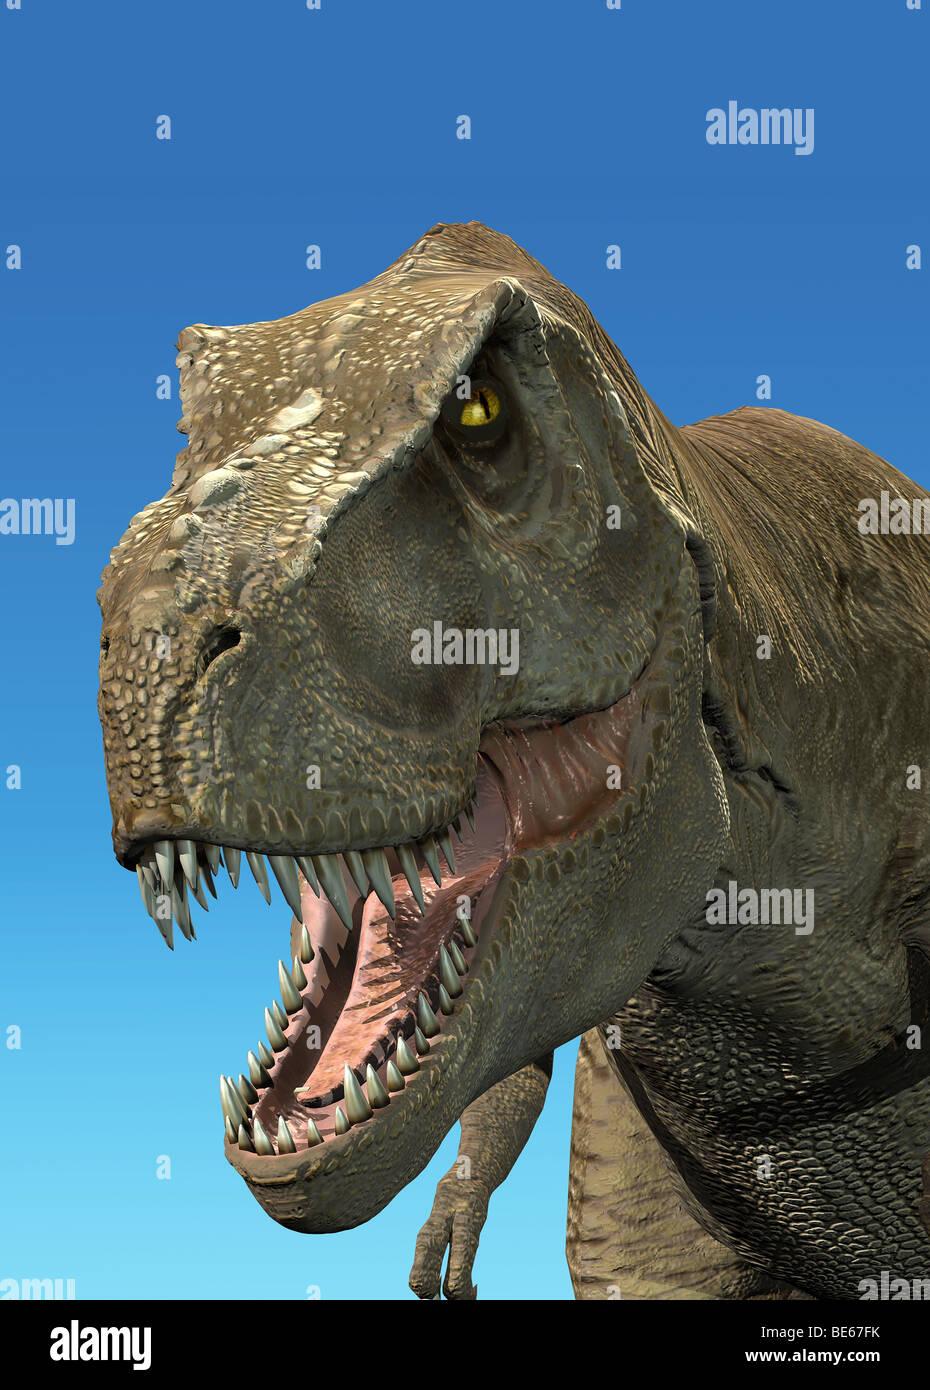 Tyrannosaurus Rex schließen sich digitale fotorealistische Rendering, T-Rex Stockbild